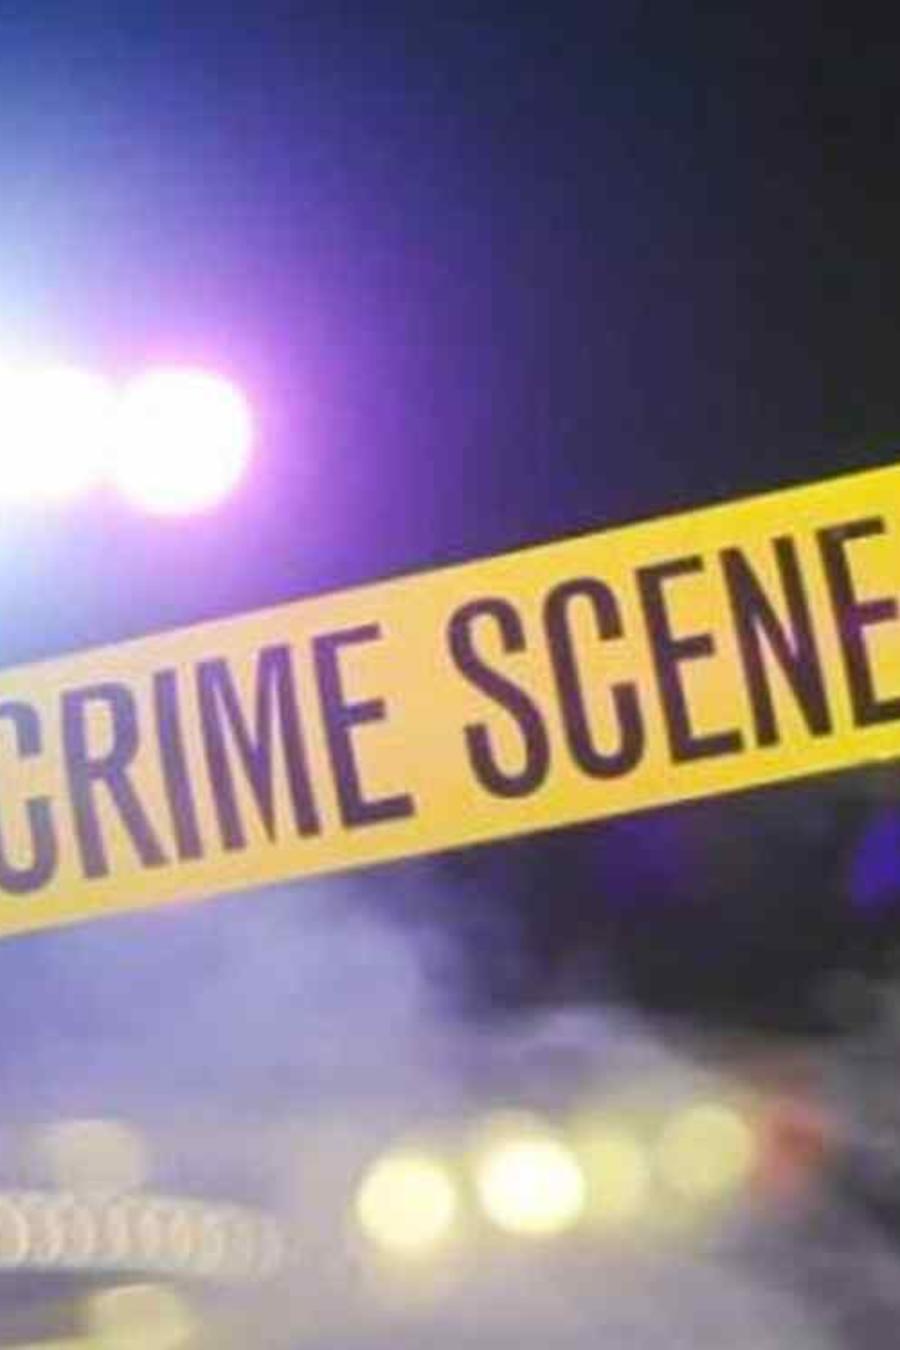 Un cordón policial en una escena del crimen (imagen de archivo).